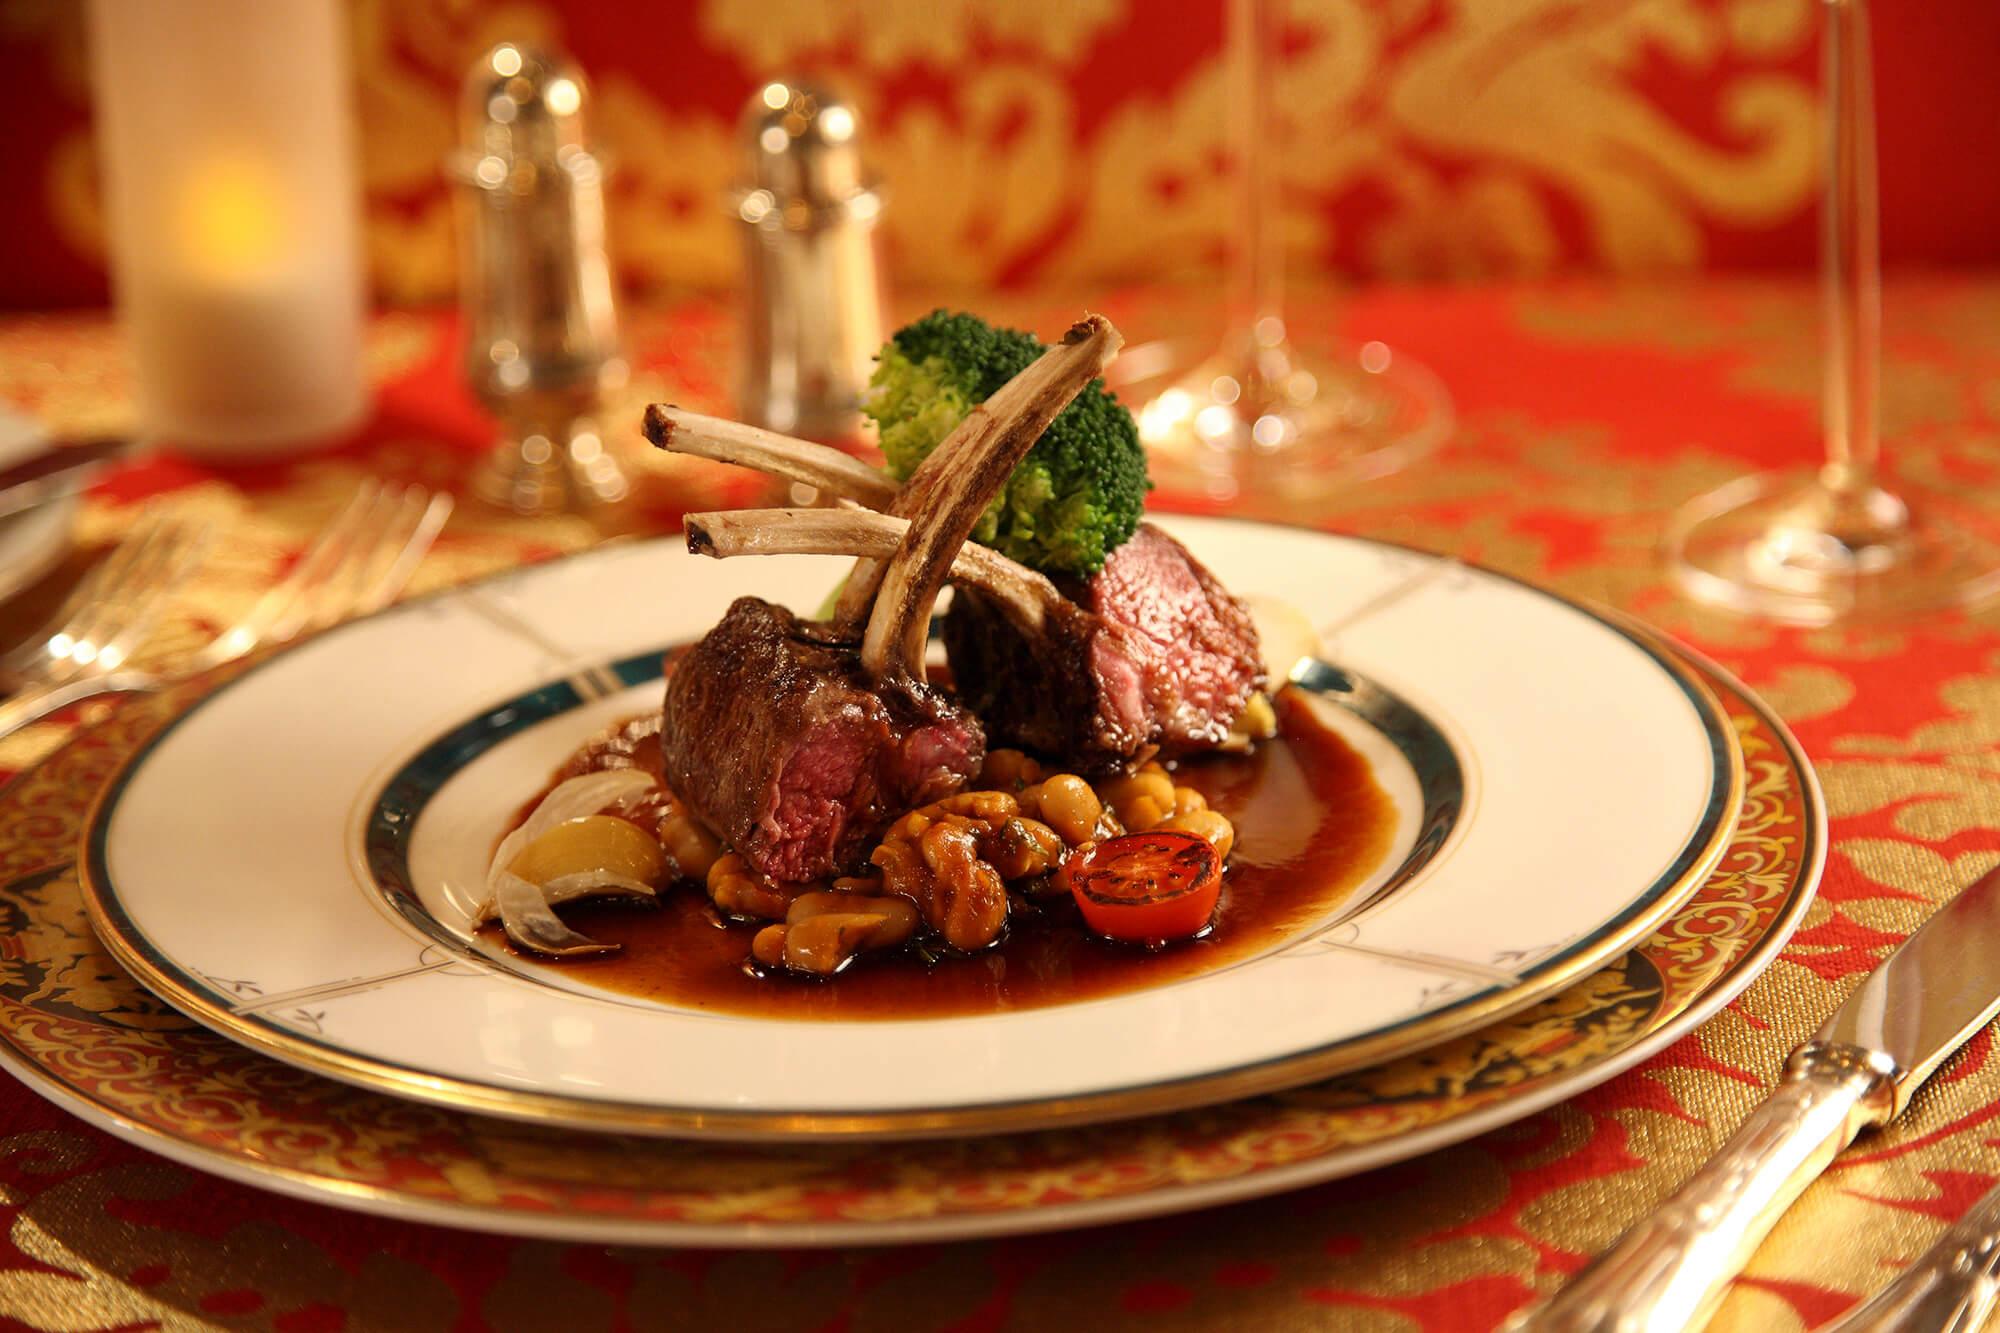 有名ブランドの食器でいただく西洋料理で優雅なひと時をお過ごしください。